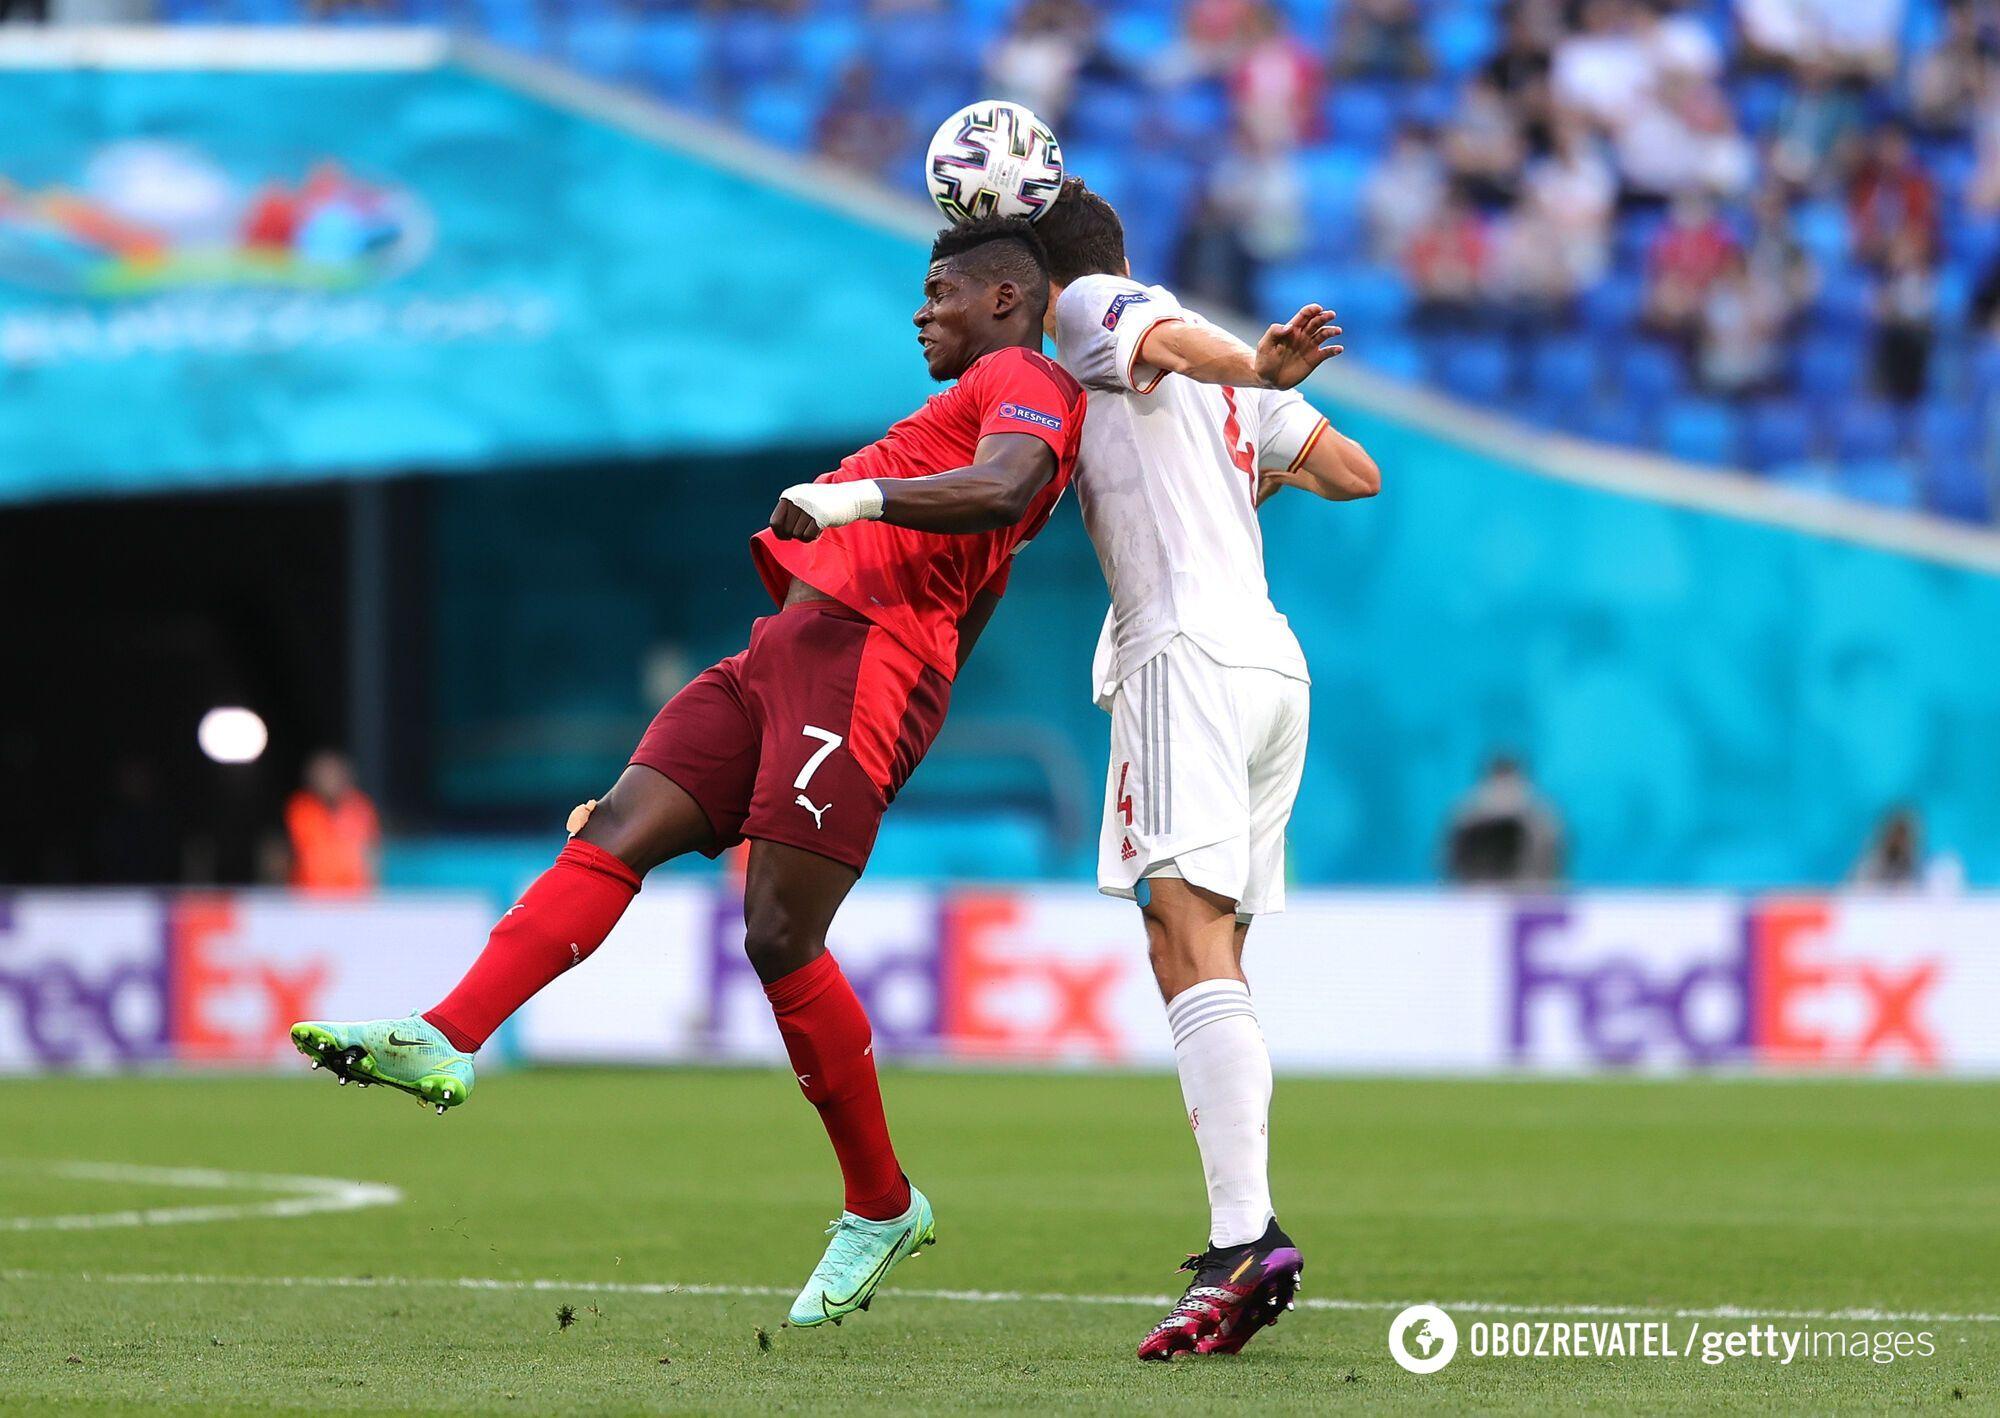 Боротьба за м'яч швейцарців та іспанців.